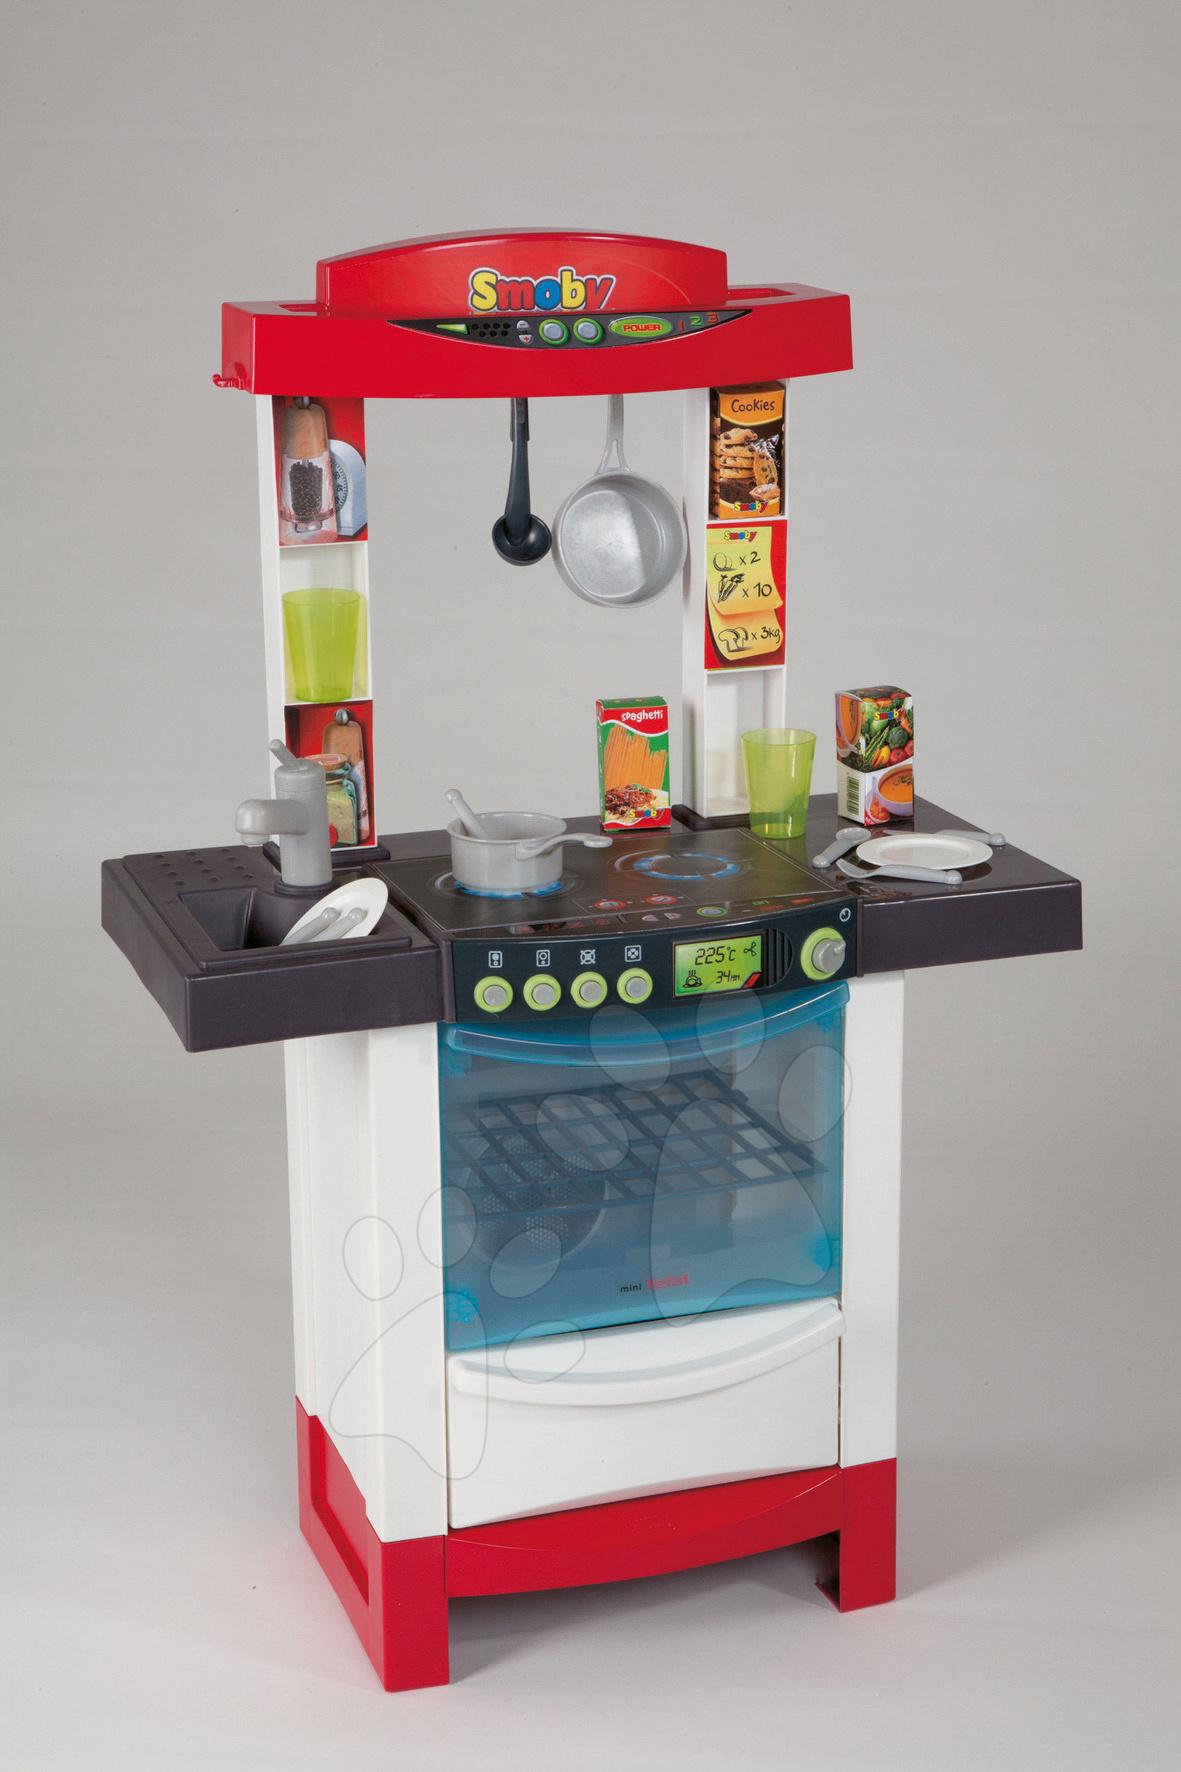 Elektronická kuchynka Cook'Tronic Tefal Smoby bielo-červená a 20 doplnkov